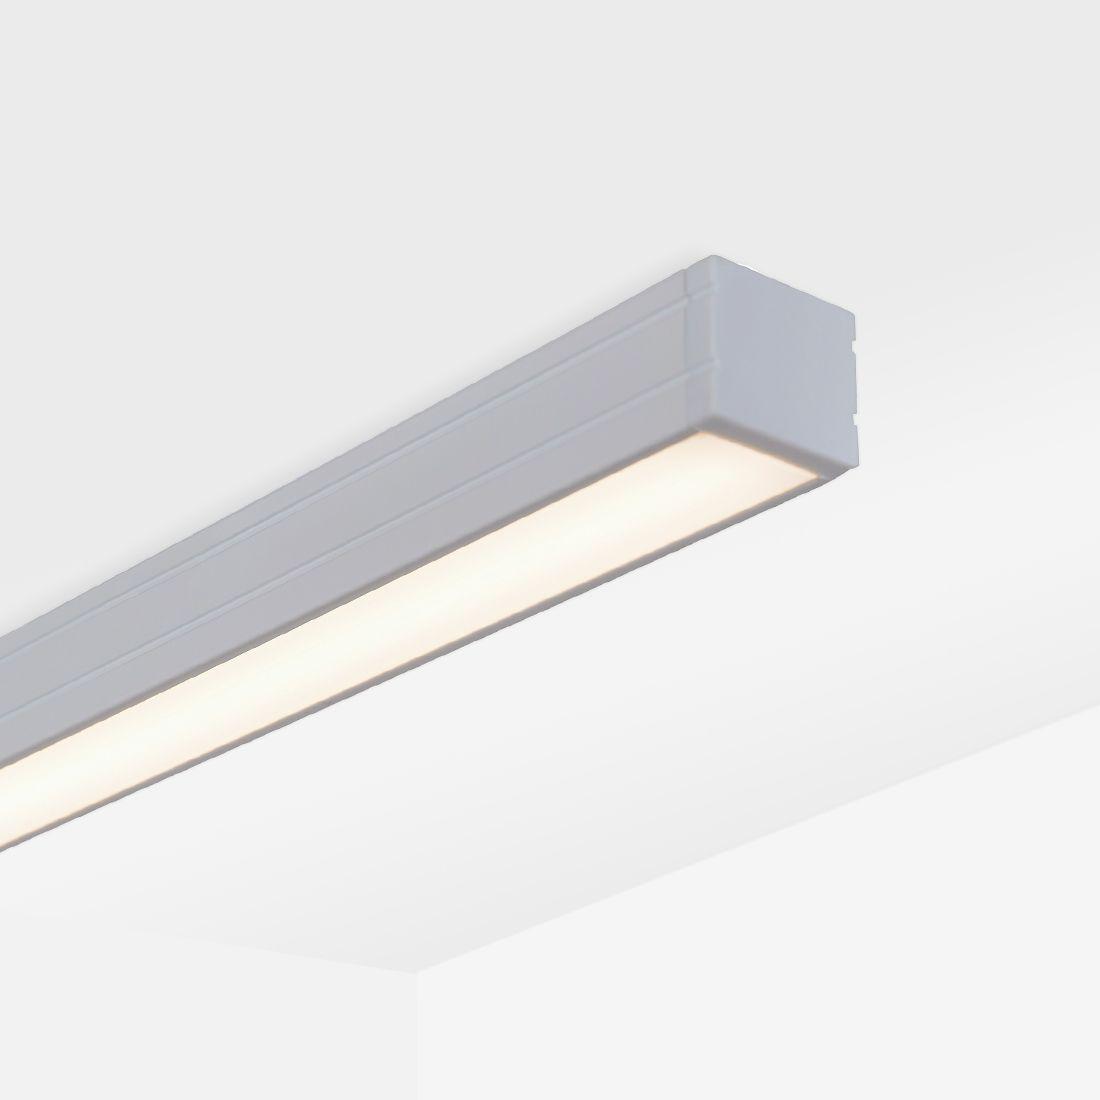 alcon 14220 linear 120 volt led cove lightbar